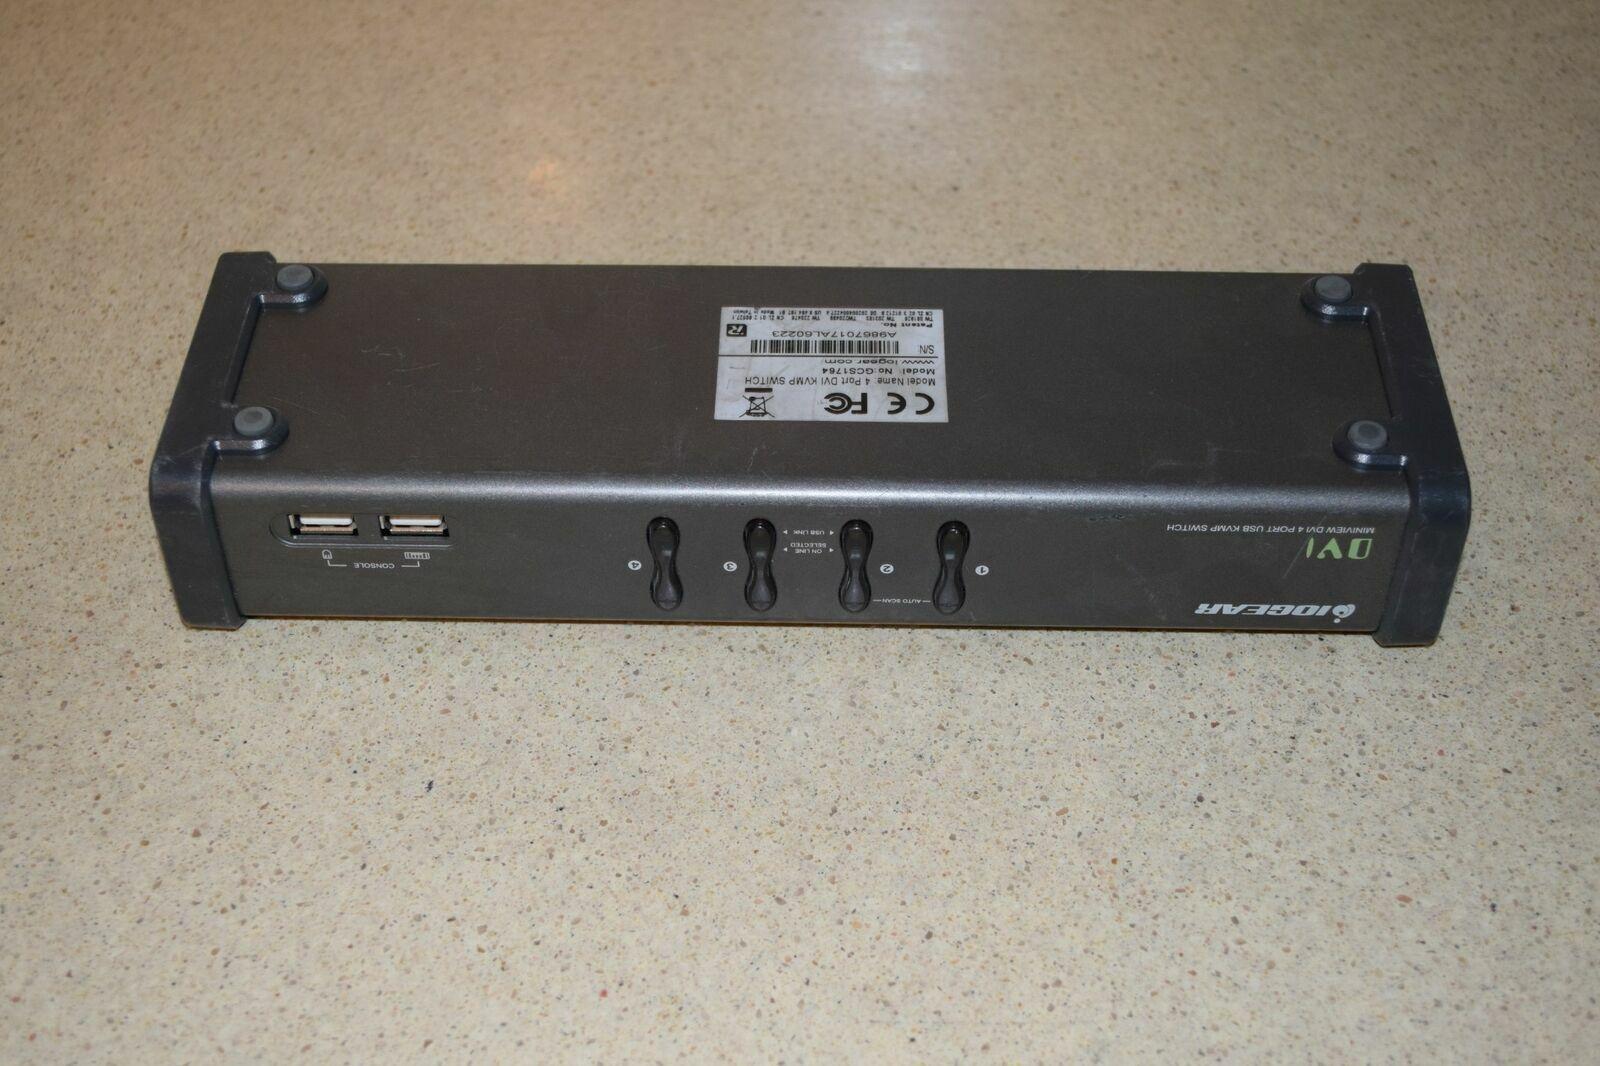 iOGEAR DVI MINIVIEW DVI 4 PORT USB KVMP SWITCH (C1)